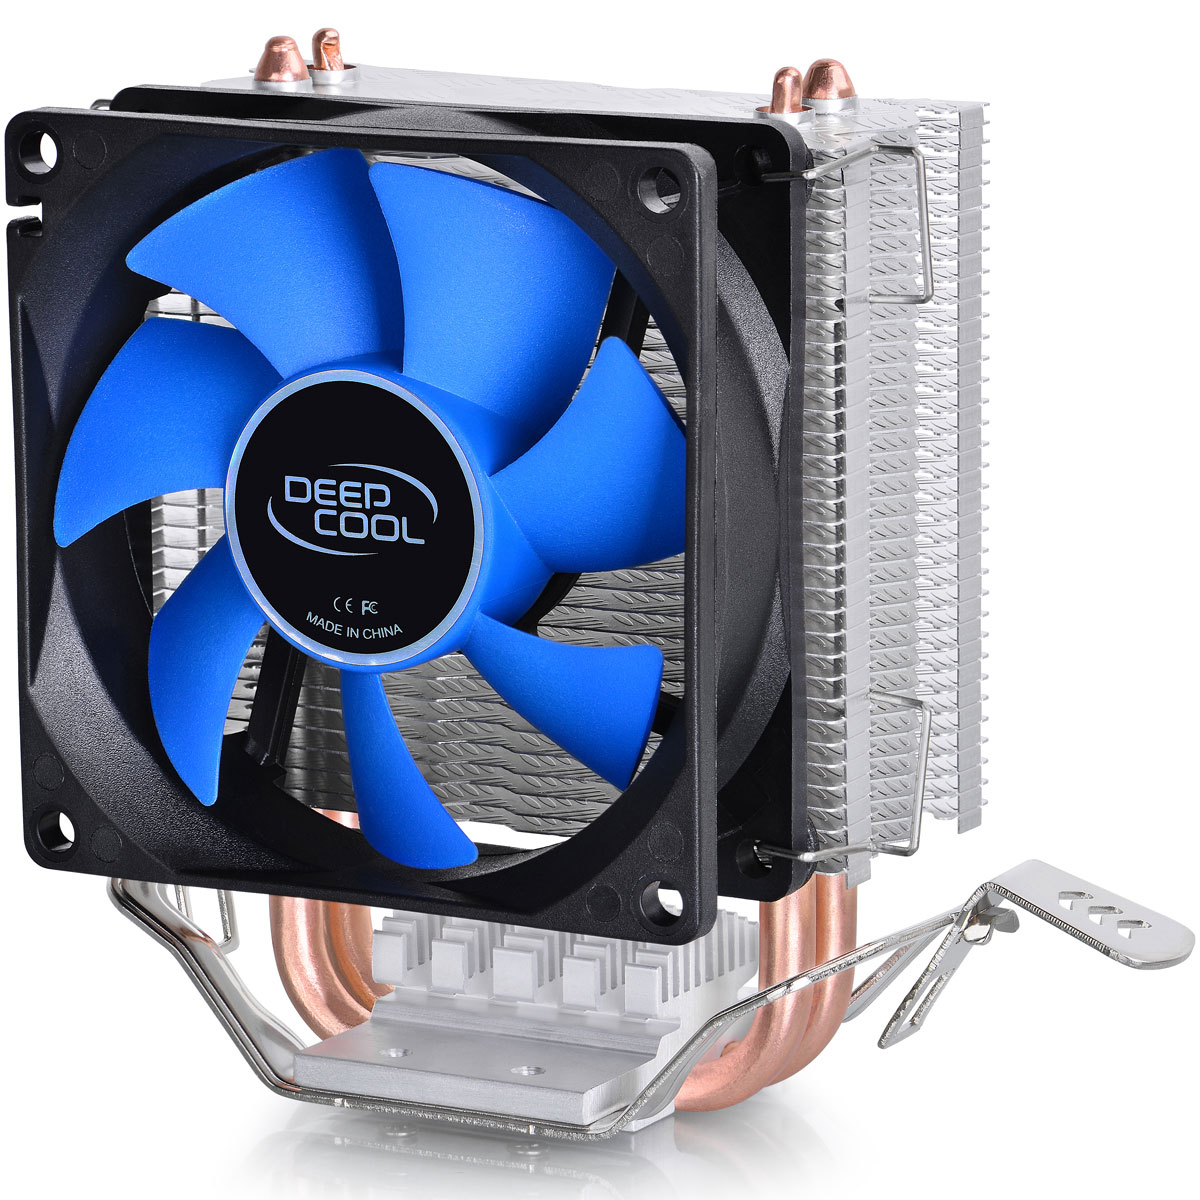 Deepcool Ice Edge Mini FS V2.0 кулер компьютерныйICE EDGE MINI FS V2.0Кулер Deepcool Ice Edge Mini FS V2.0 понравится многим за счет своего небольшого размера и отличной работоспособности. Заявленная рассеиваемая мощность (100 Вт), пластины радиатора, изготовленные из качественного алюминия, медное основание, прекрасно справляющееся с переносом тепла от процессора к двум теплоотводящим трубкам – всем этим может похвастаться Deepcool Ice Edge Mini FS V2.0. Модель легко устанавливается на современные сокеты Intel и AMD.